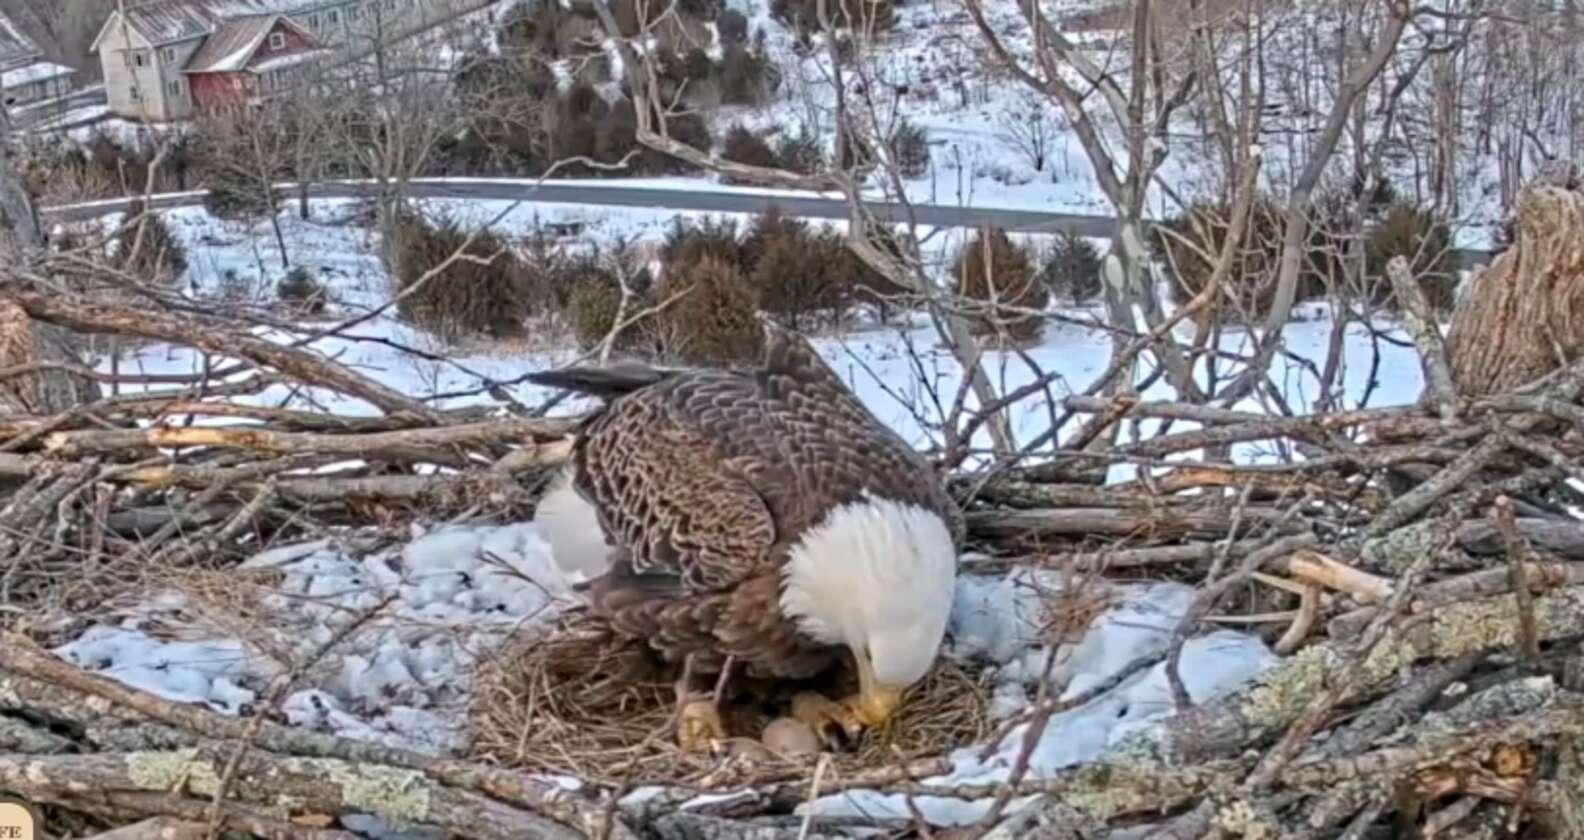 「整隻埋雪裡」還不避難?近看鷹媽「母愛發熱孵蛋」不退縮:守護我的孩子